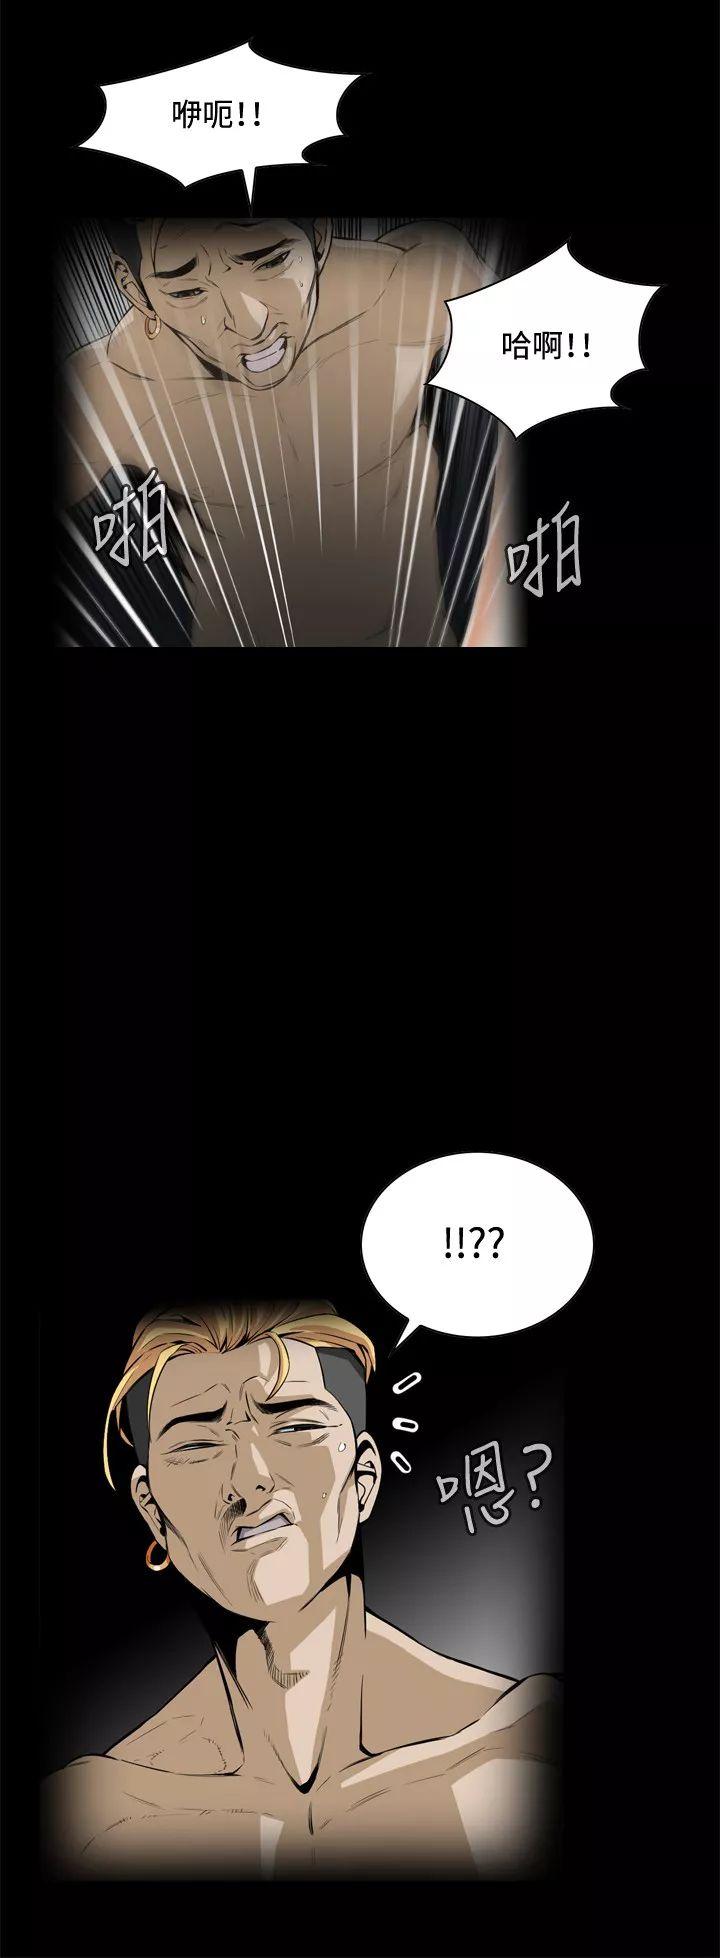 【漫画污污污】:被偷看是种v漫画?侠闪电第漫画四季图片